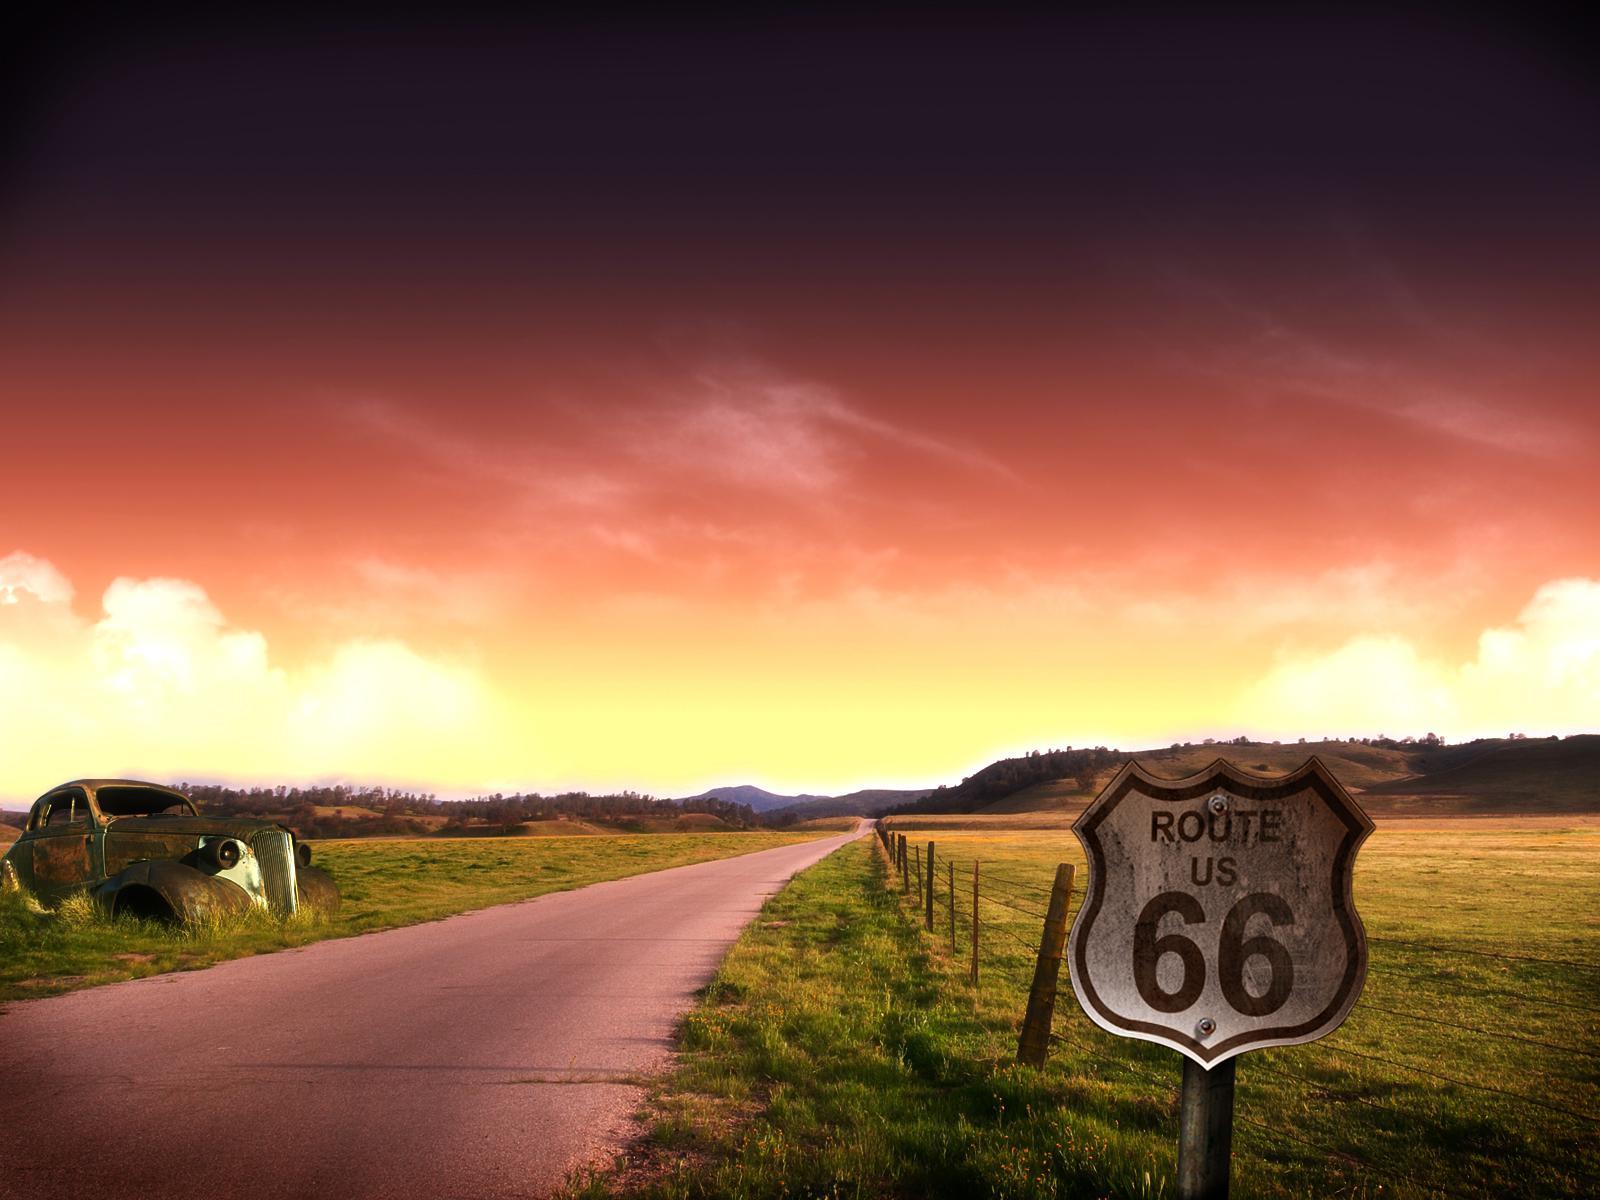 Sfondi galleria immagini della natura tramonti e panorami for Sfondi desktop tramonti